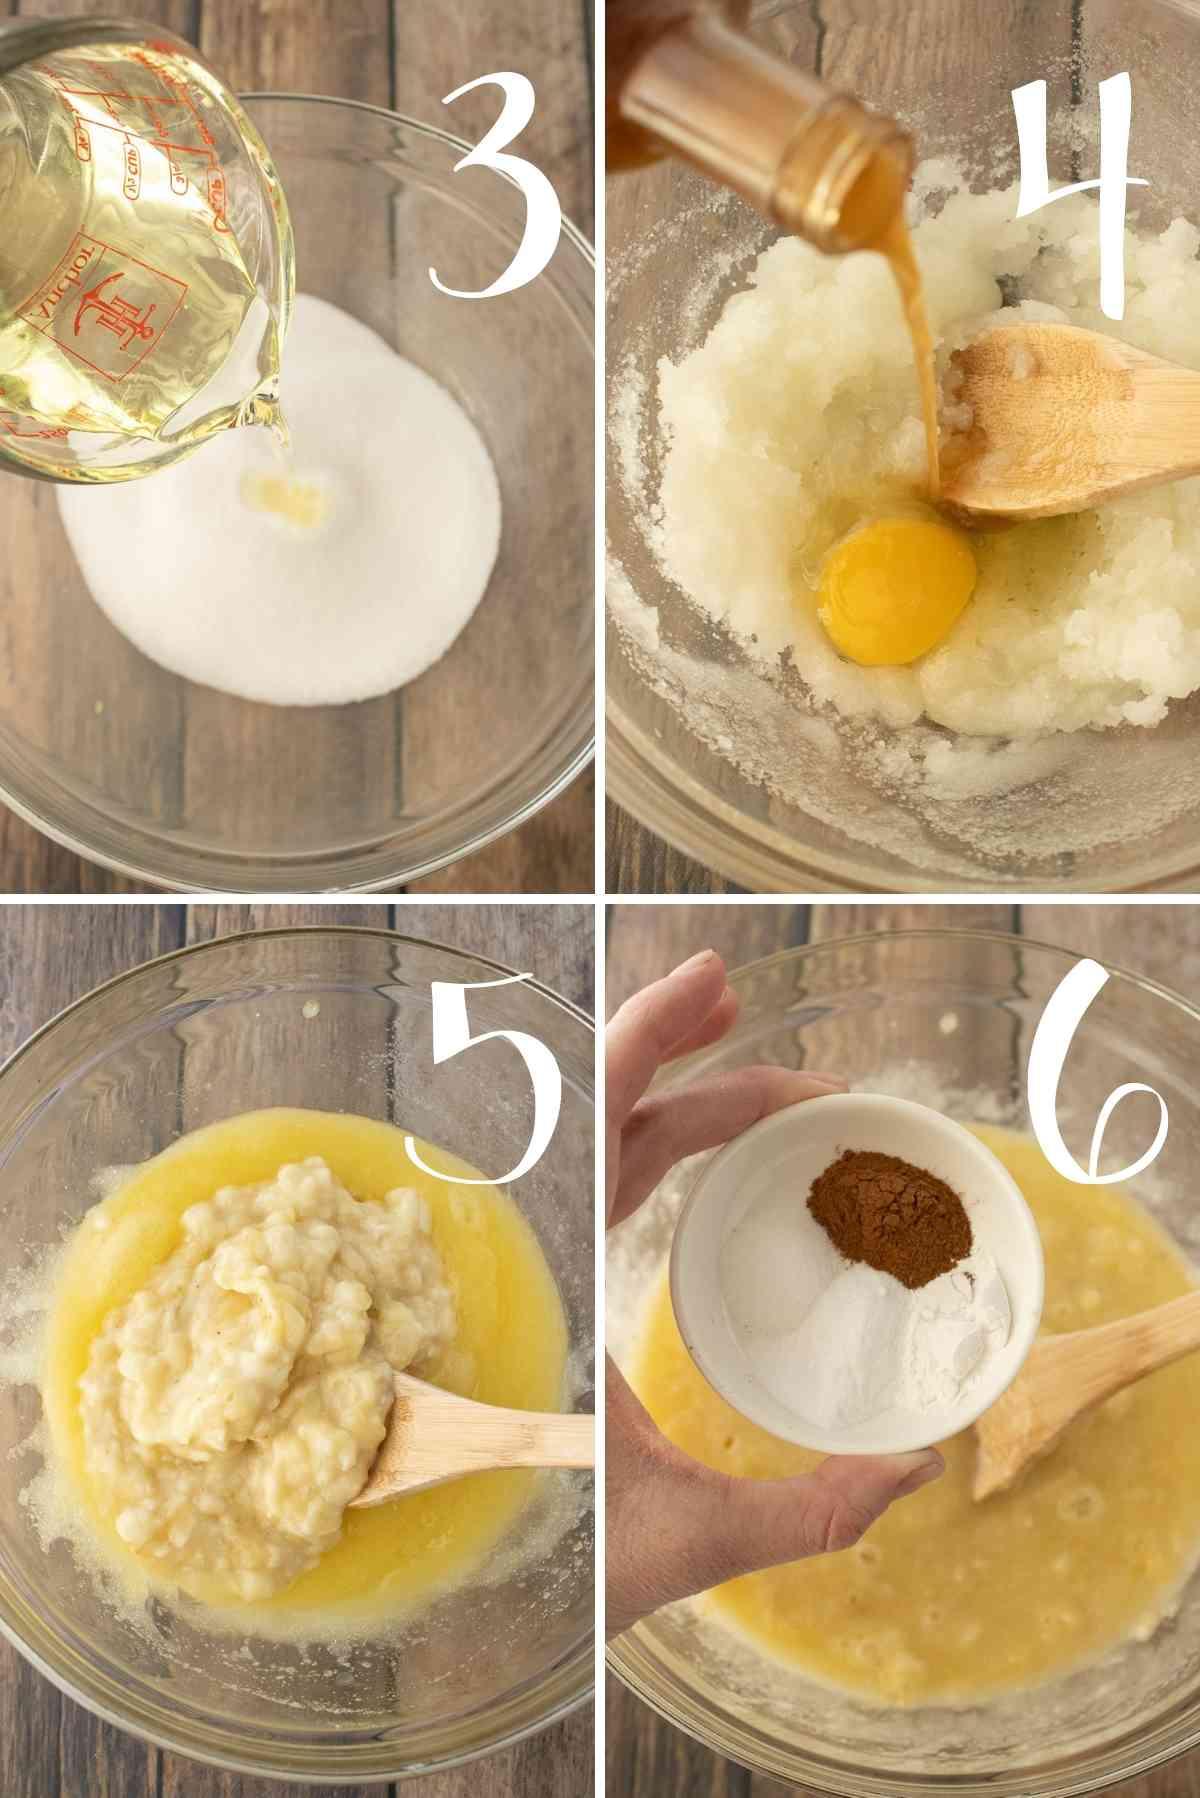 Mix sugar, oil, vanilla, bananas, baking powder, baking soda, cinnamon and salt together.